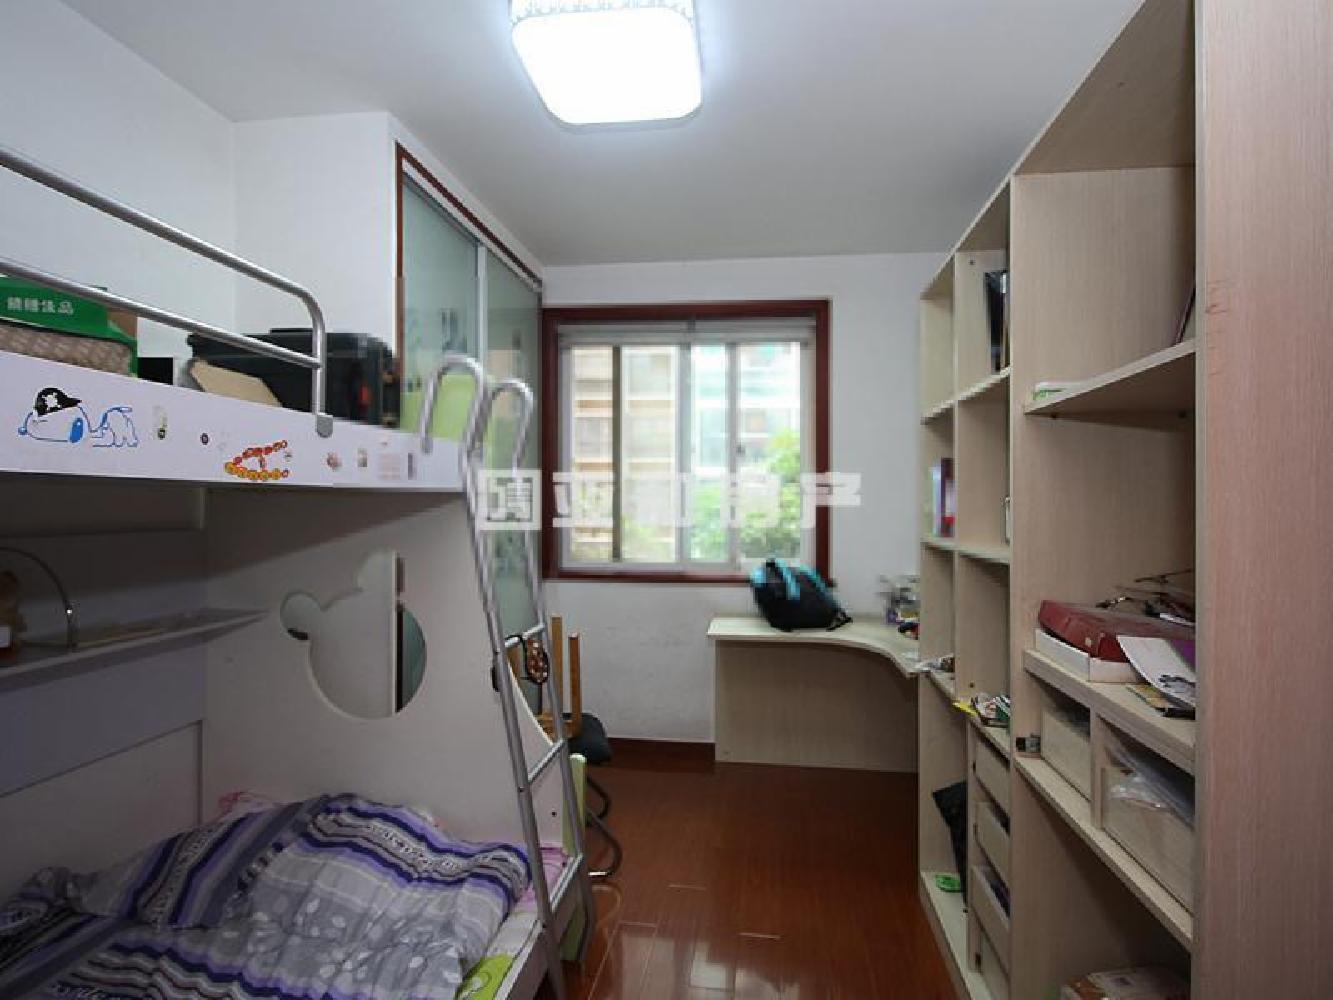 贝村小区稠江小面积总价低精致两房首付只需60万左右